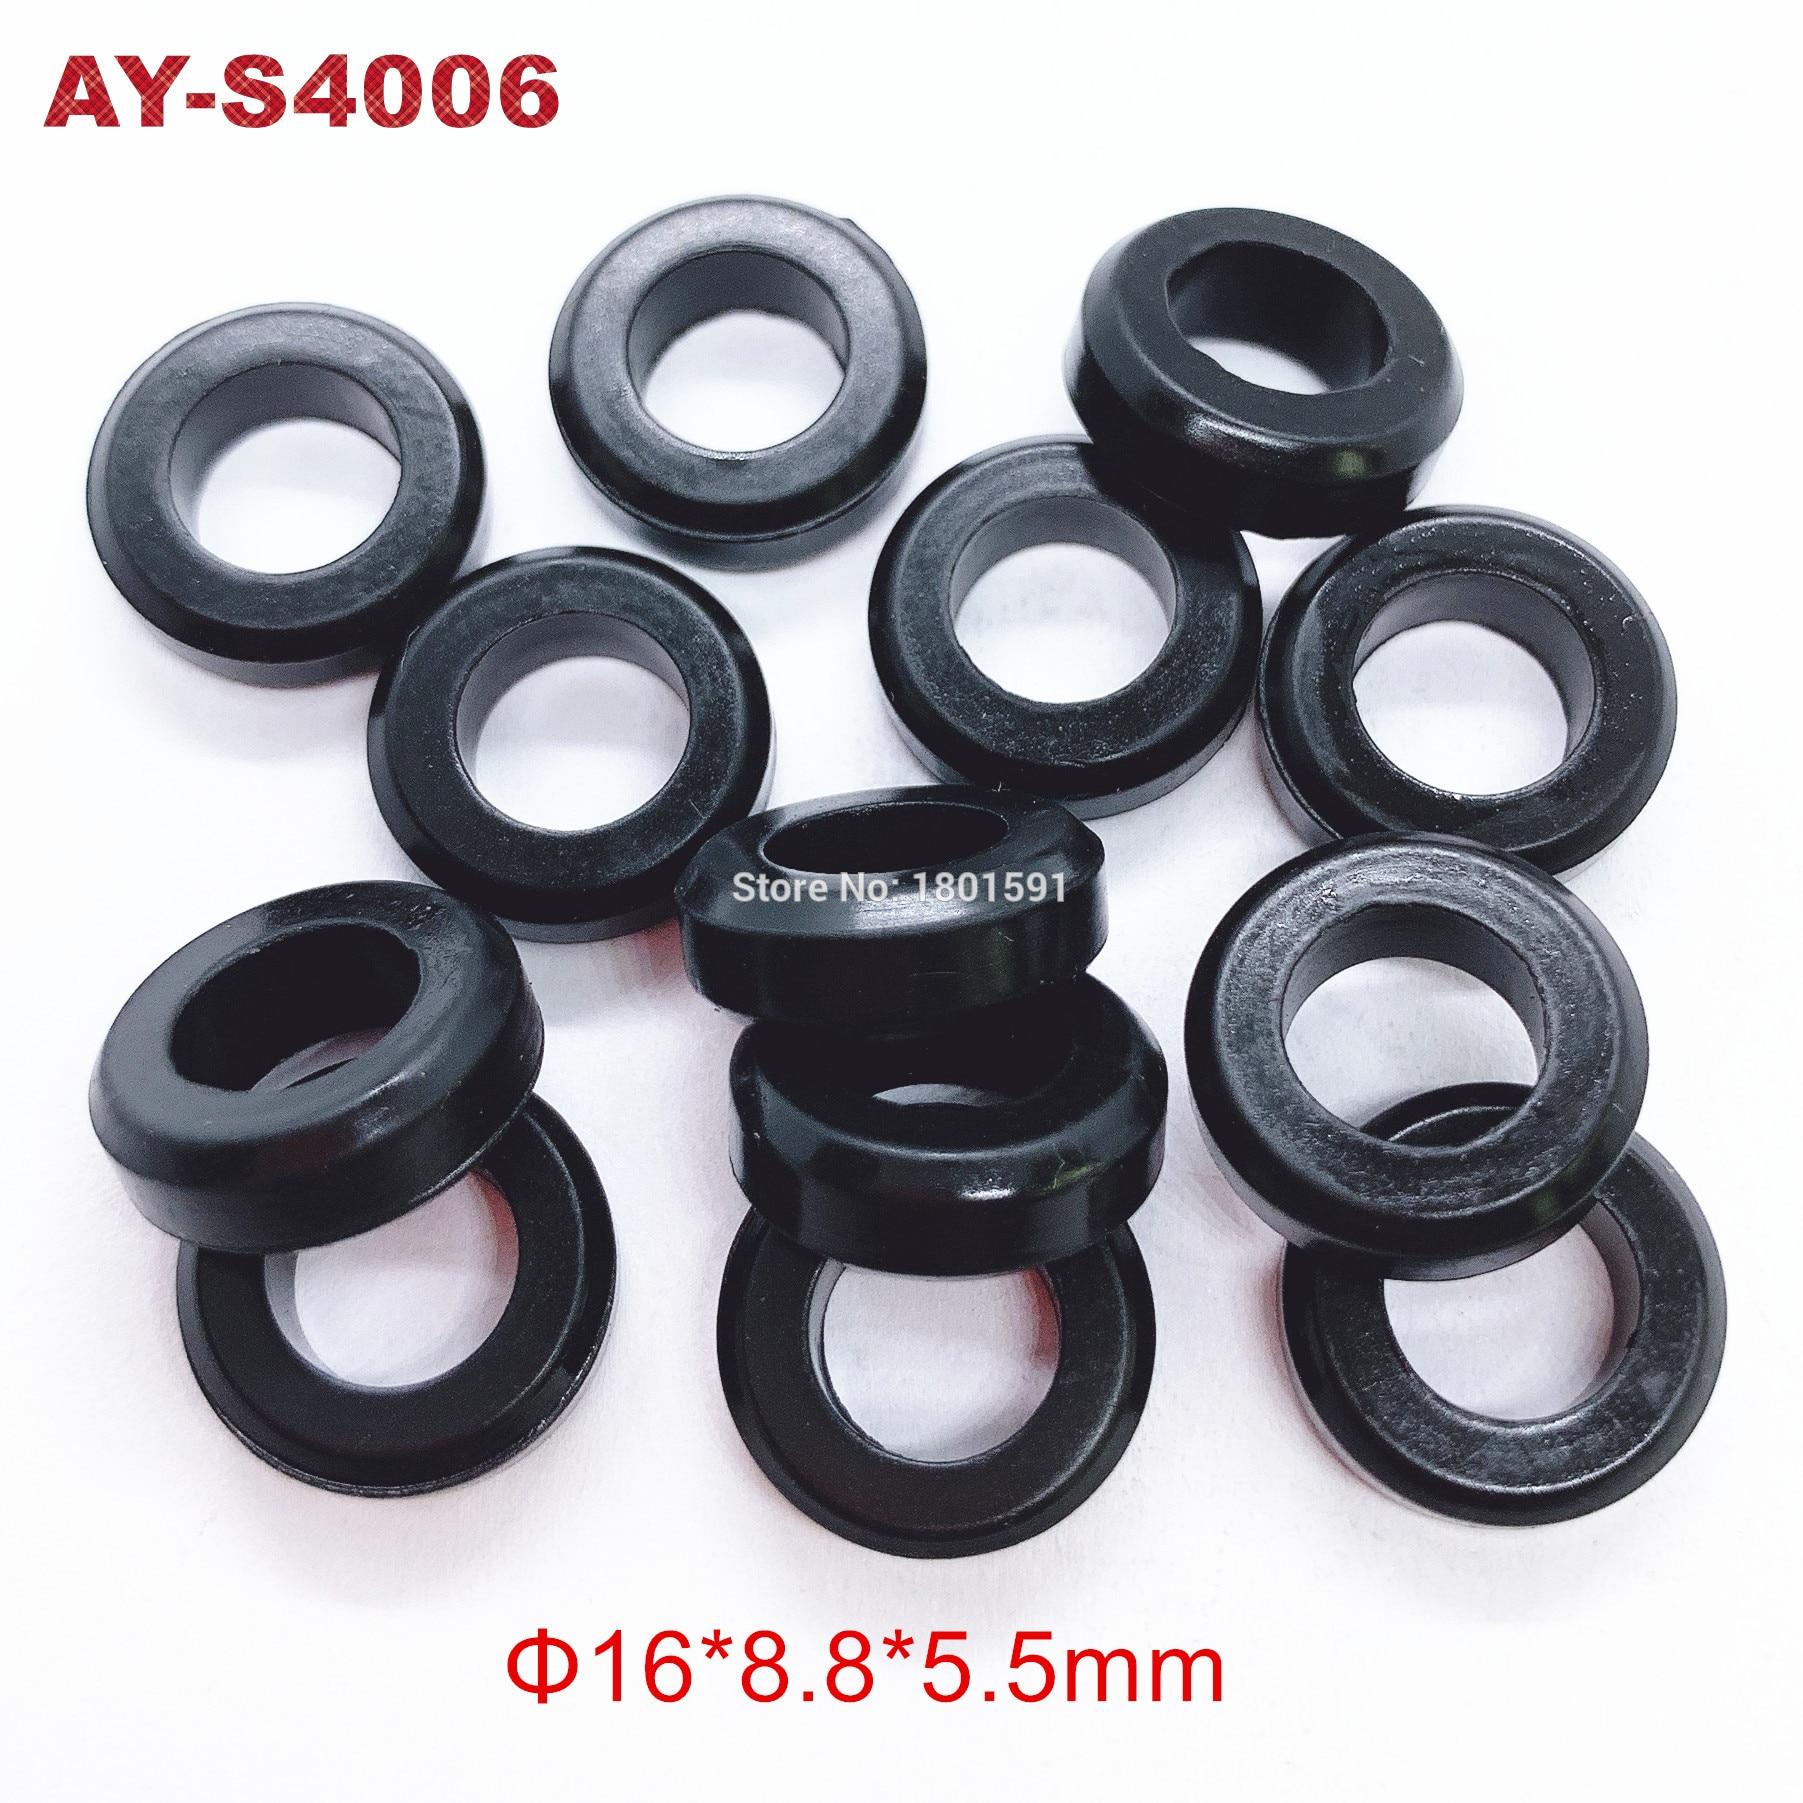 100 peças venda quente selos de borracha o anel 16*8.8*5.5mm para a substituição do kit de serviço injector combustível (AY-S4006)